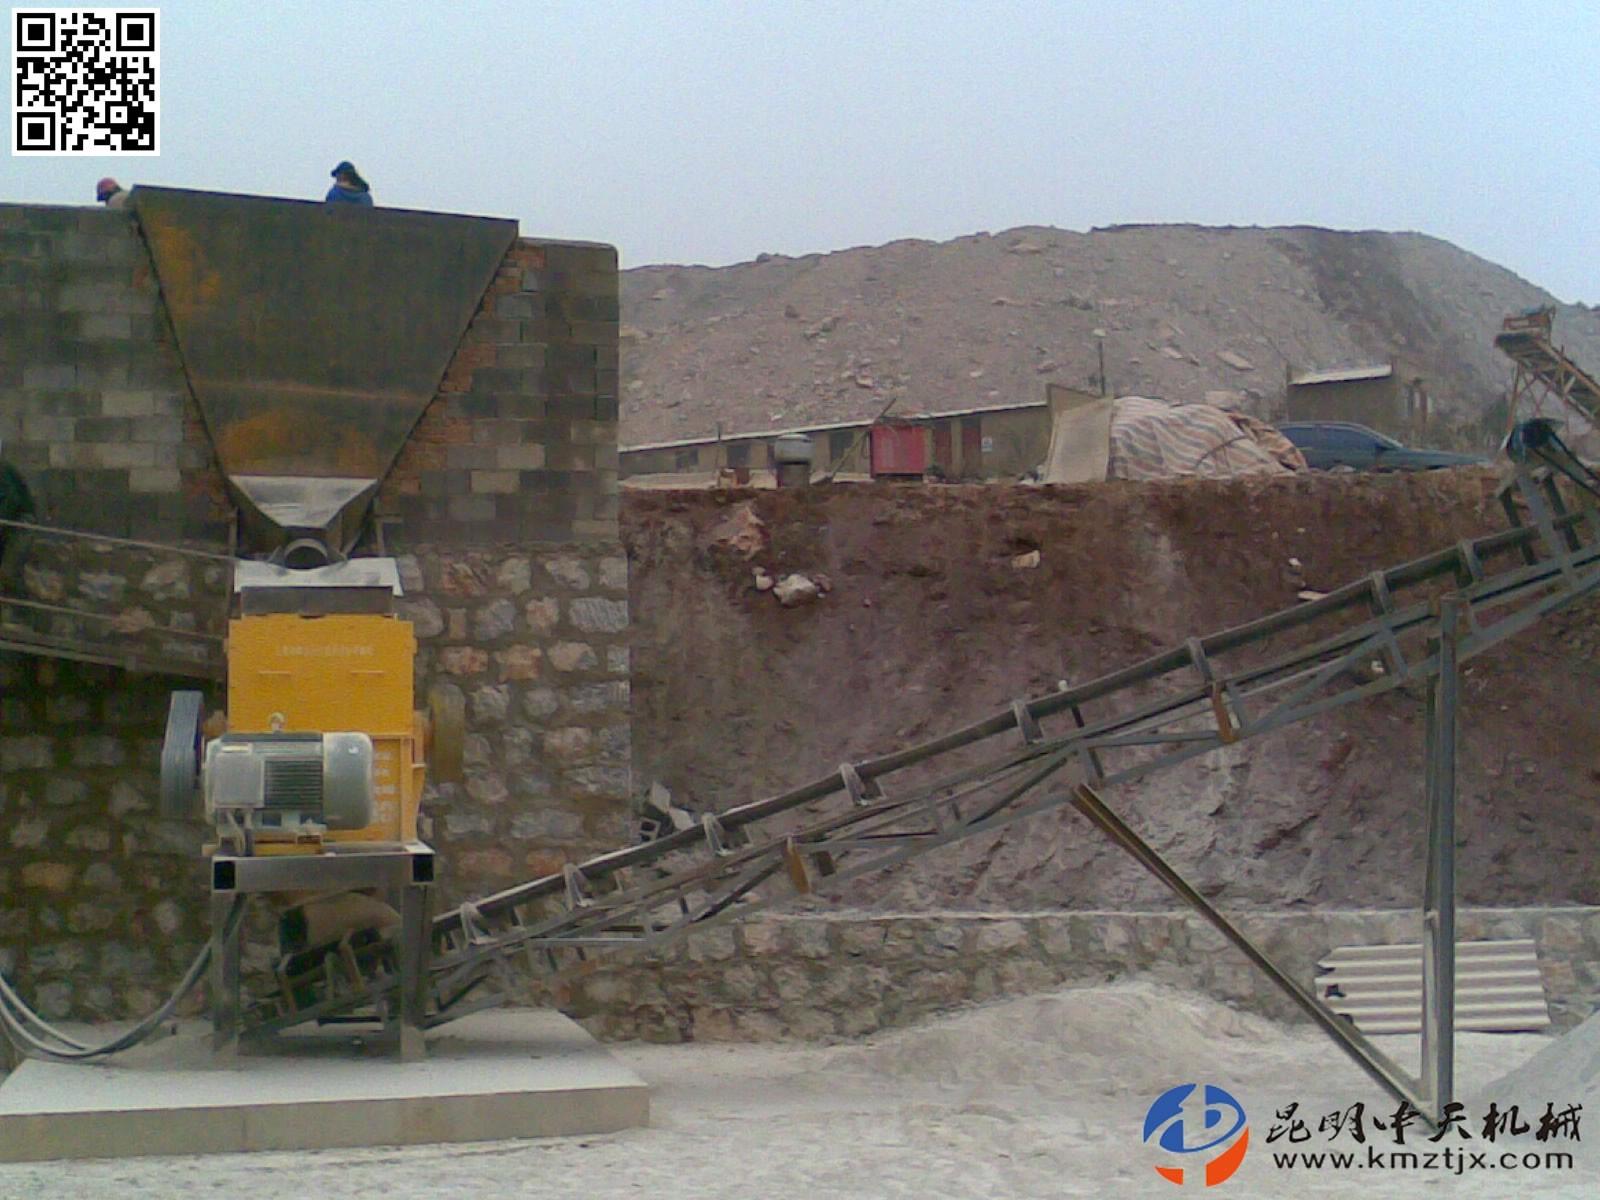 云南昆明大板桥PCF80型制砂机生产现场